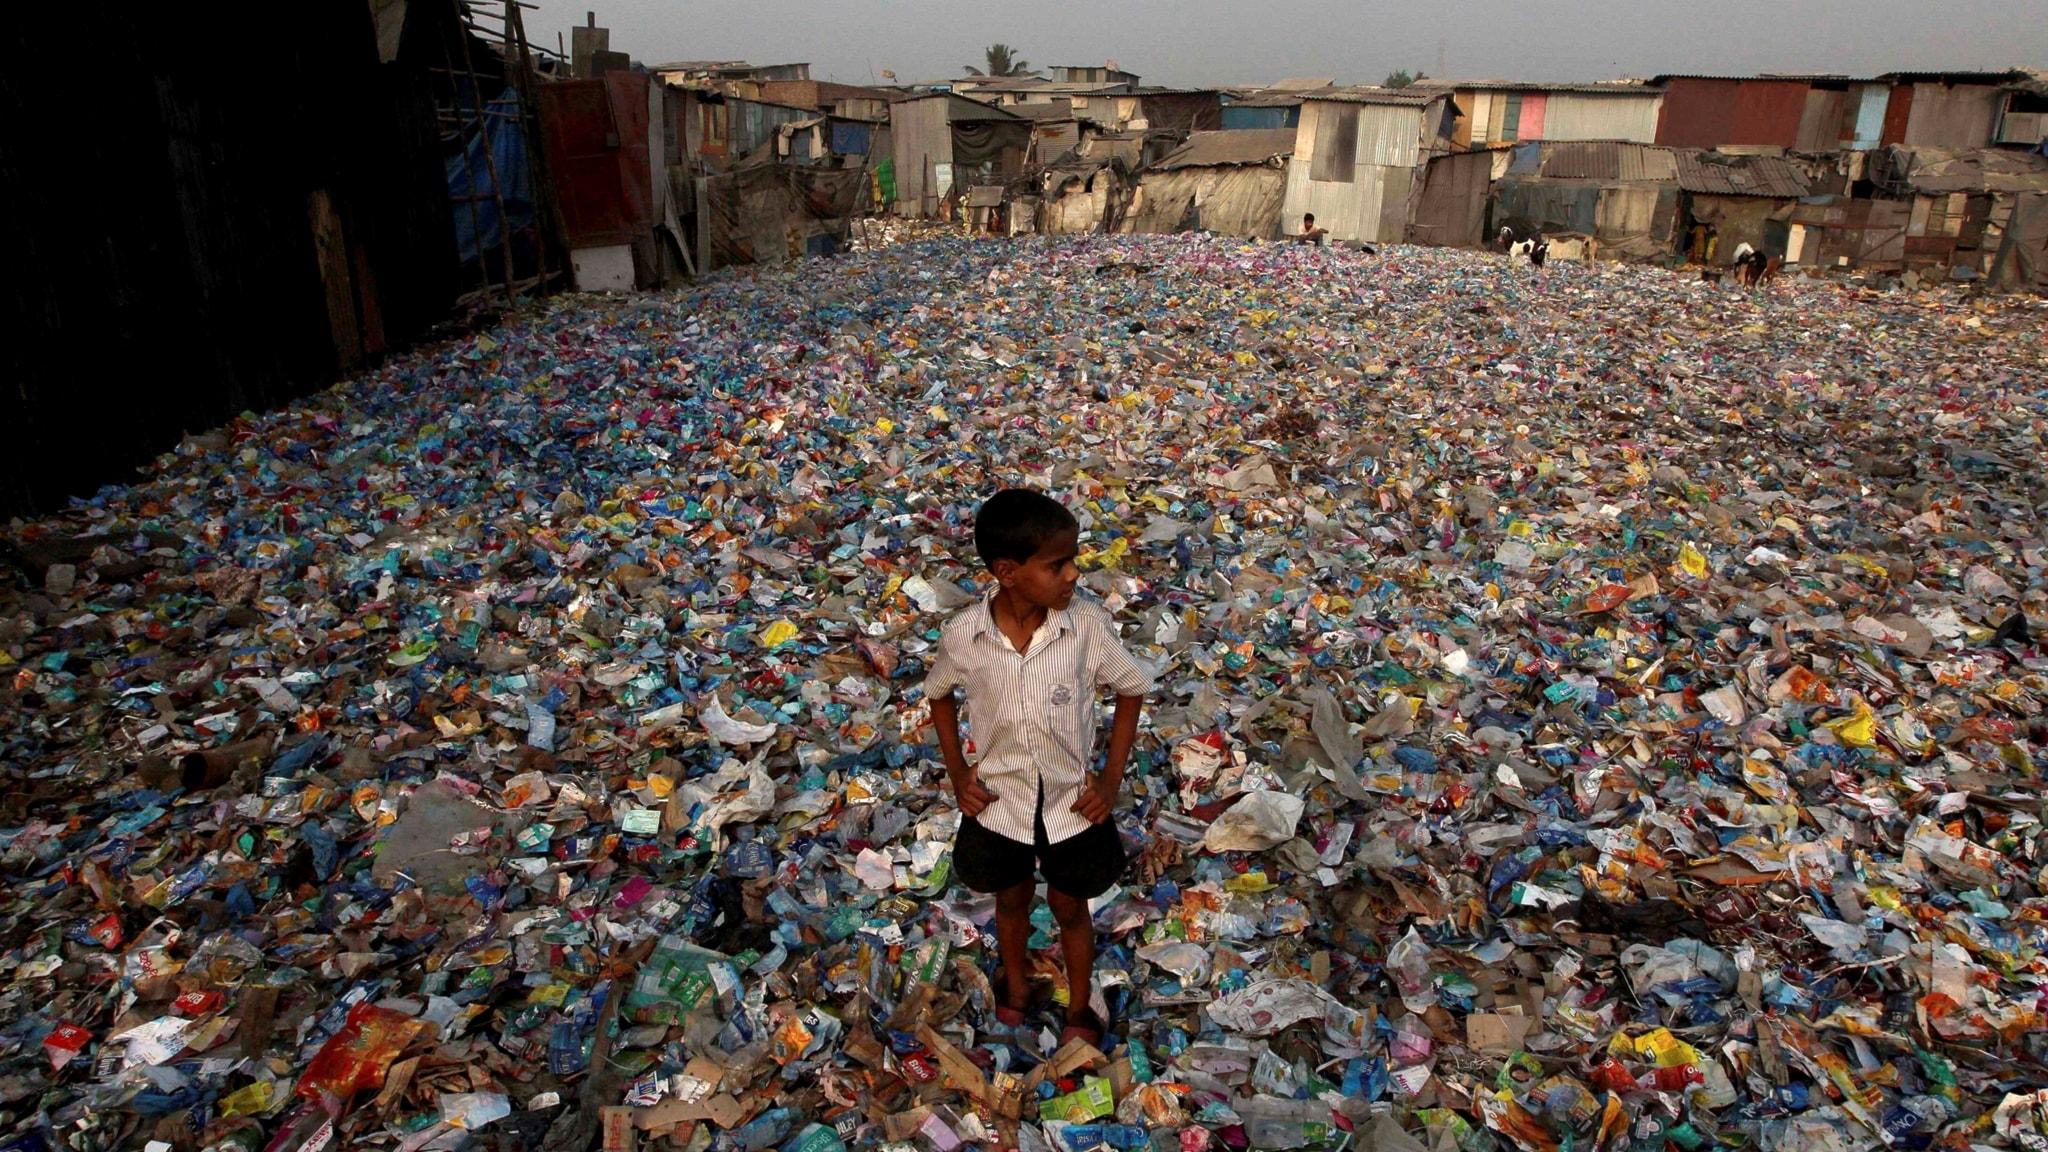 Återvinning kan inte rädda en värld av plast